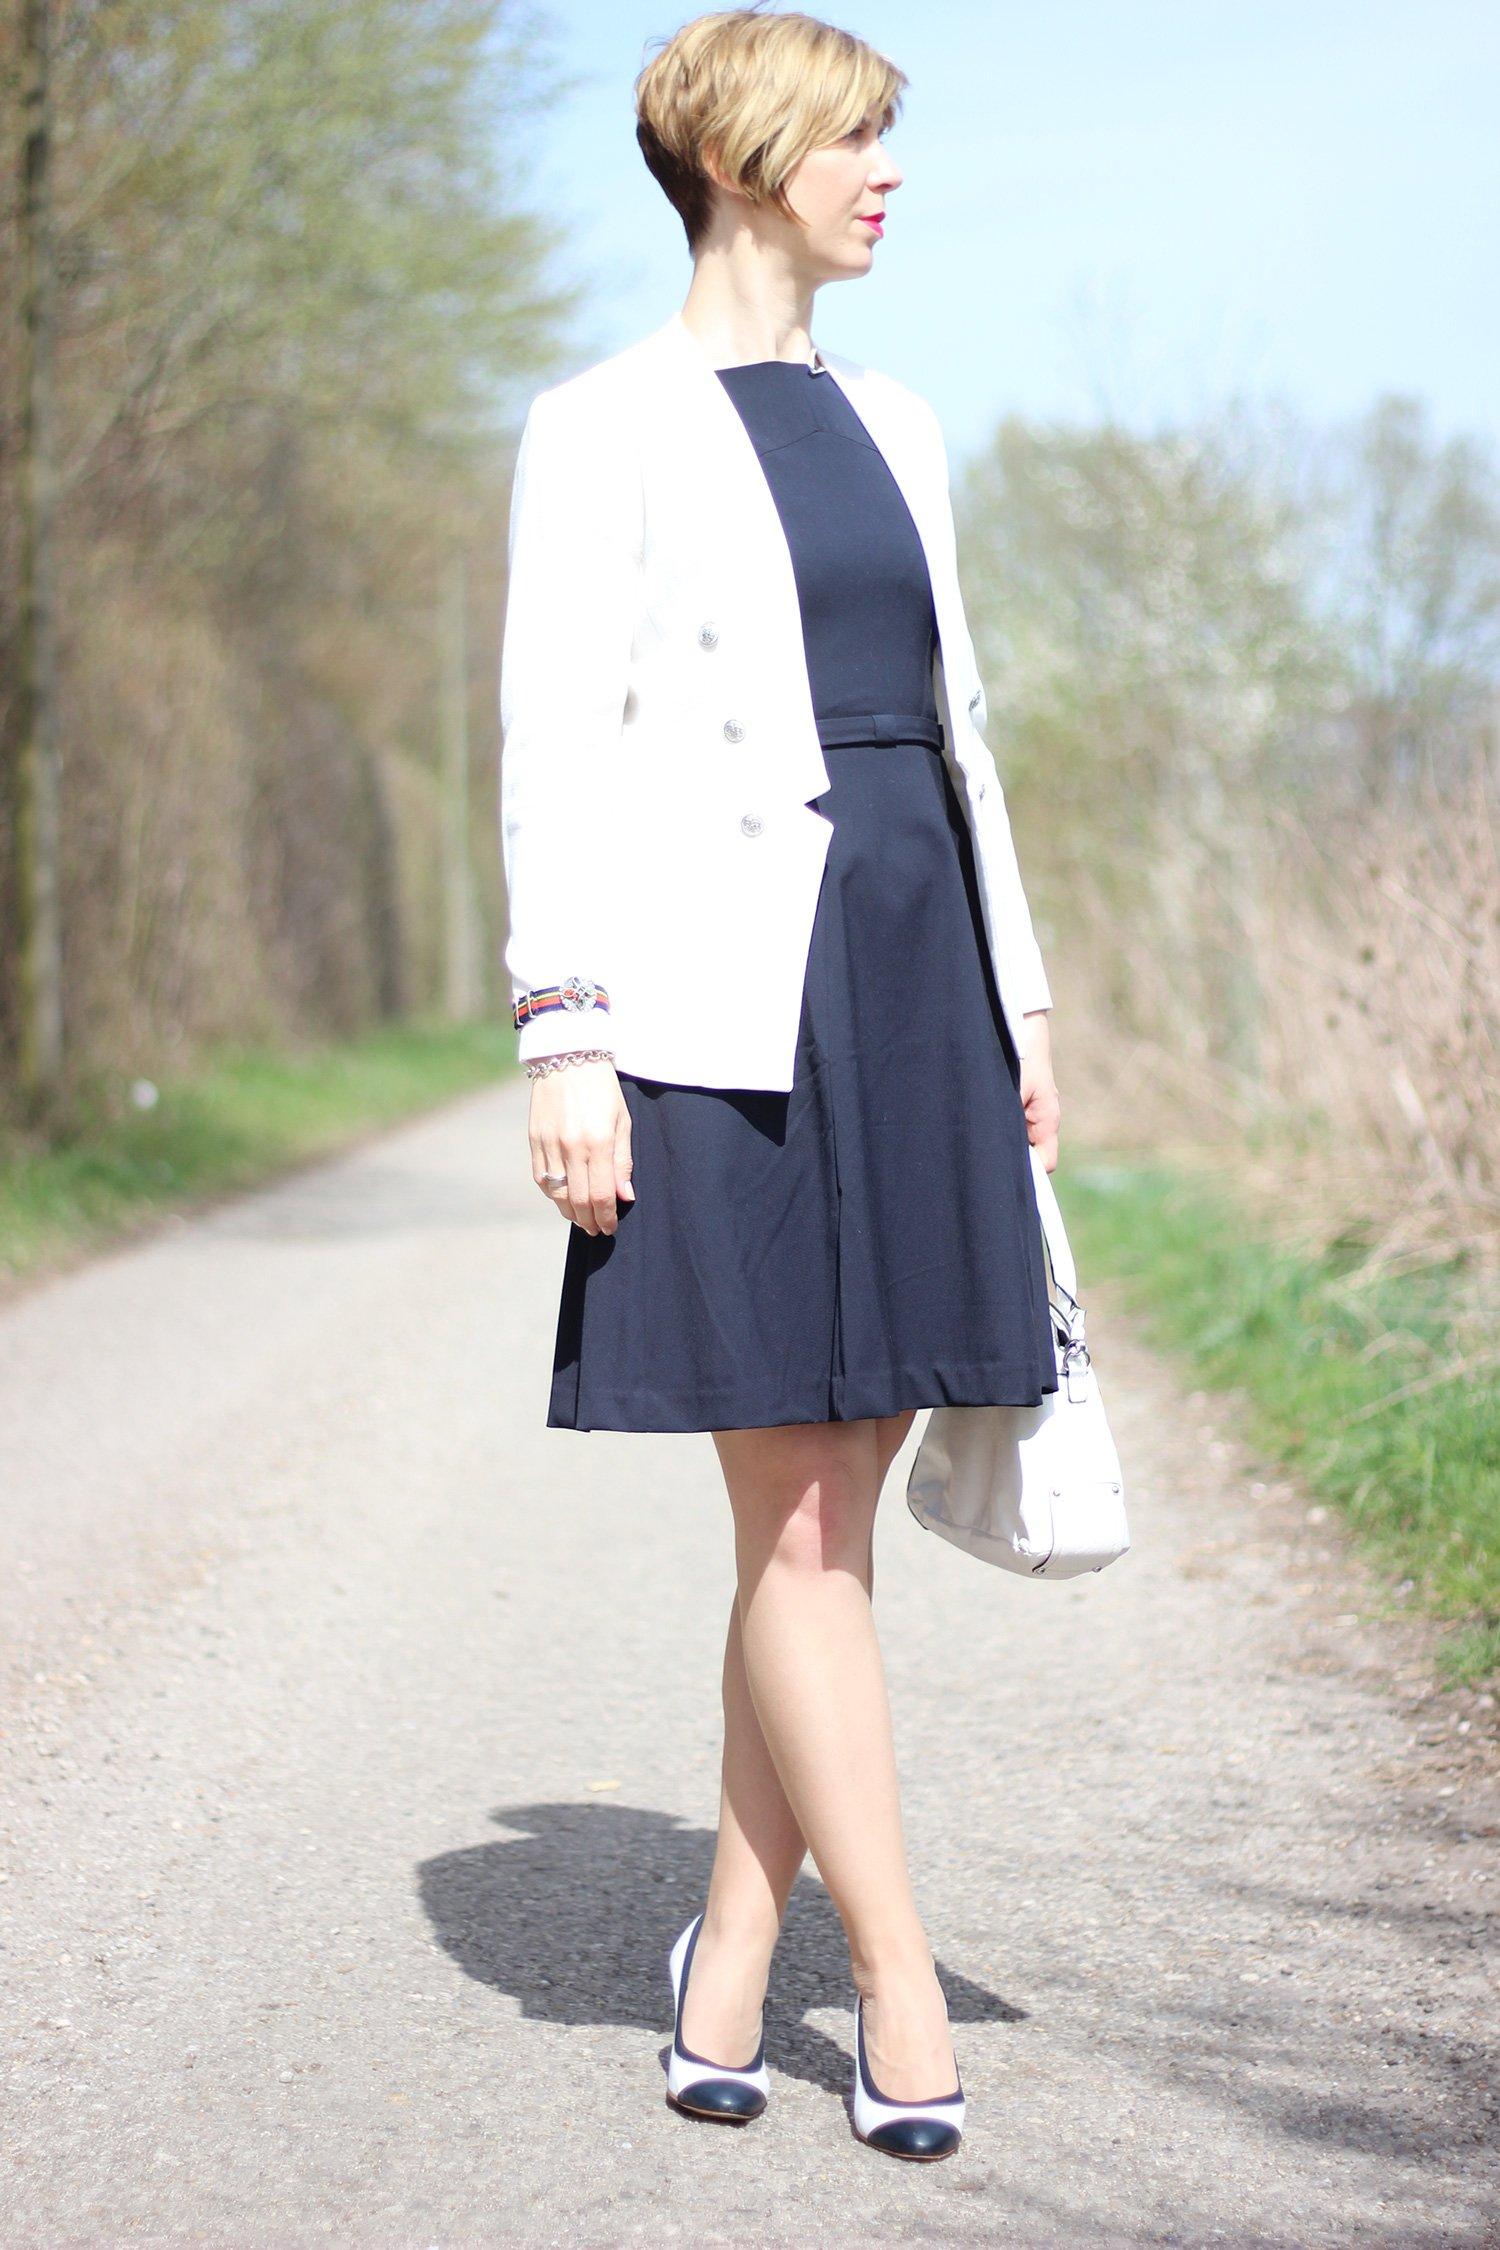 dunkelblau, Kleid, weißer Blazer, Hilfiger pumps, Kommunion, Styling